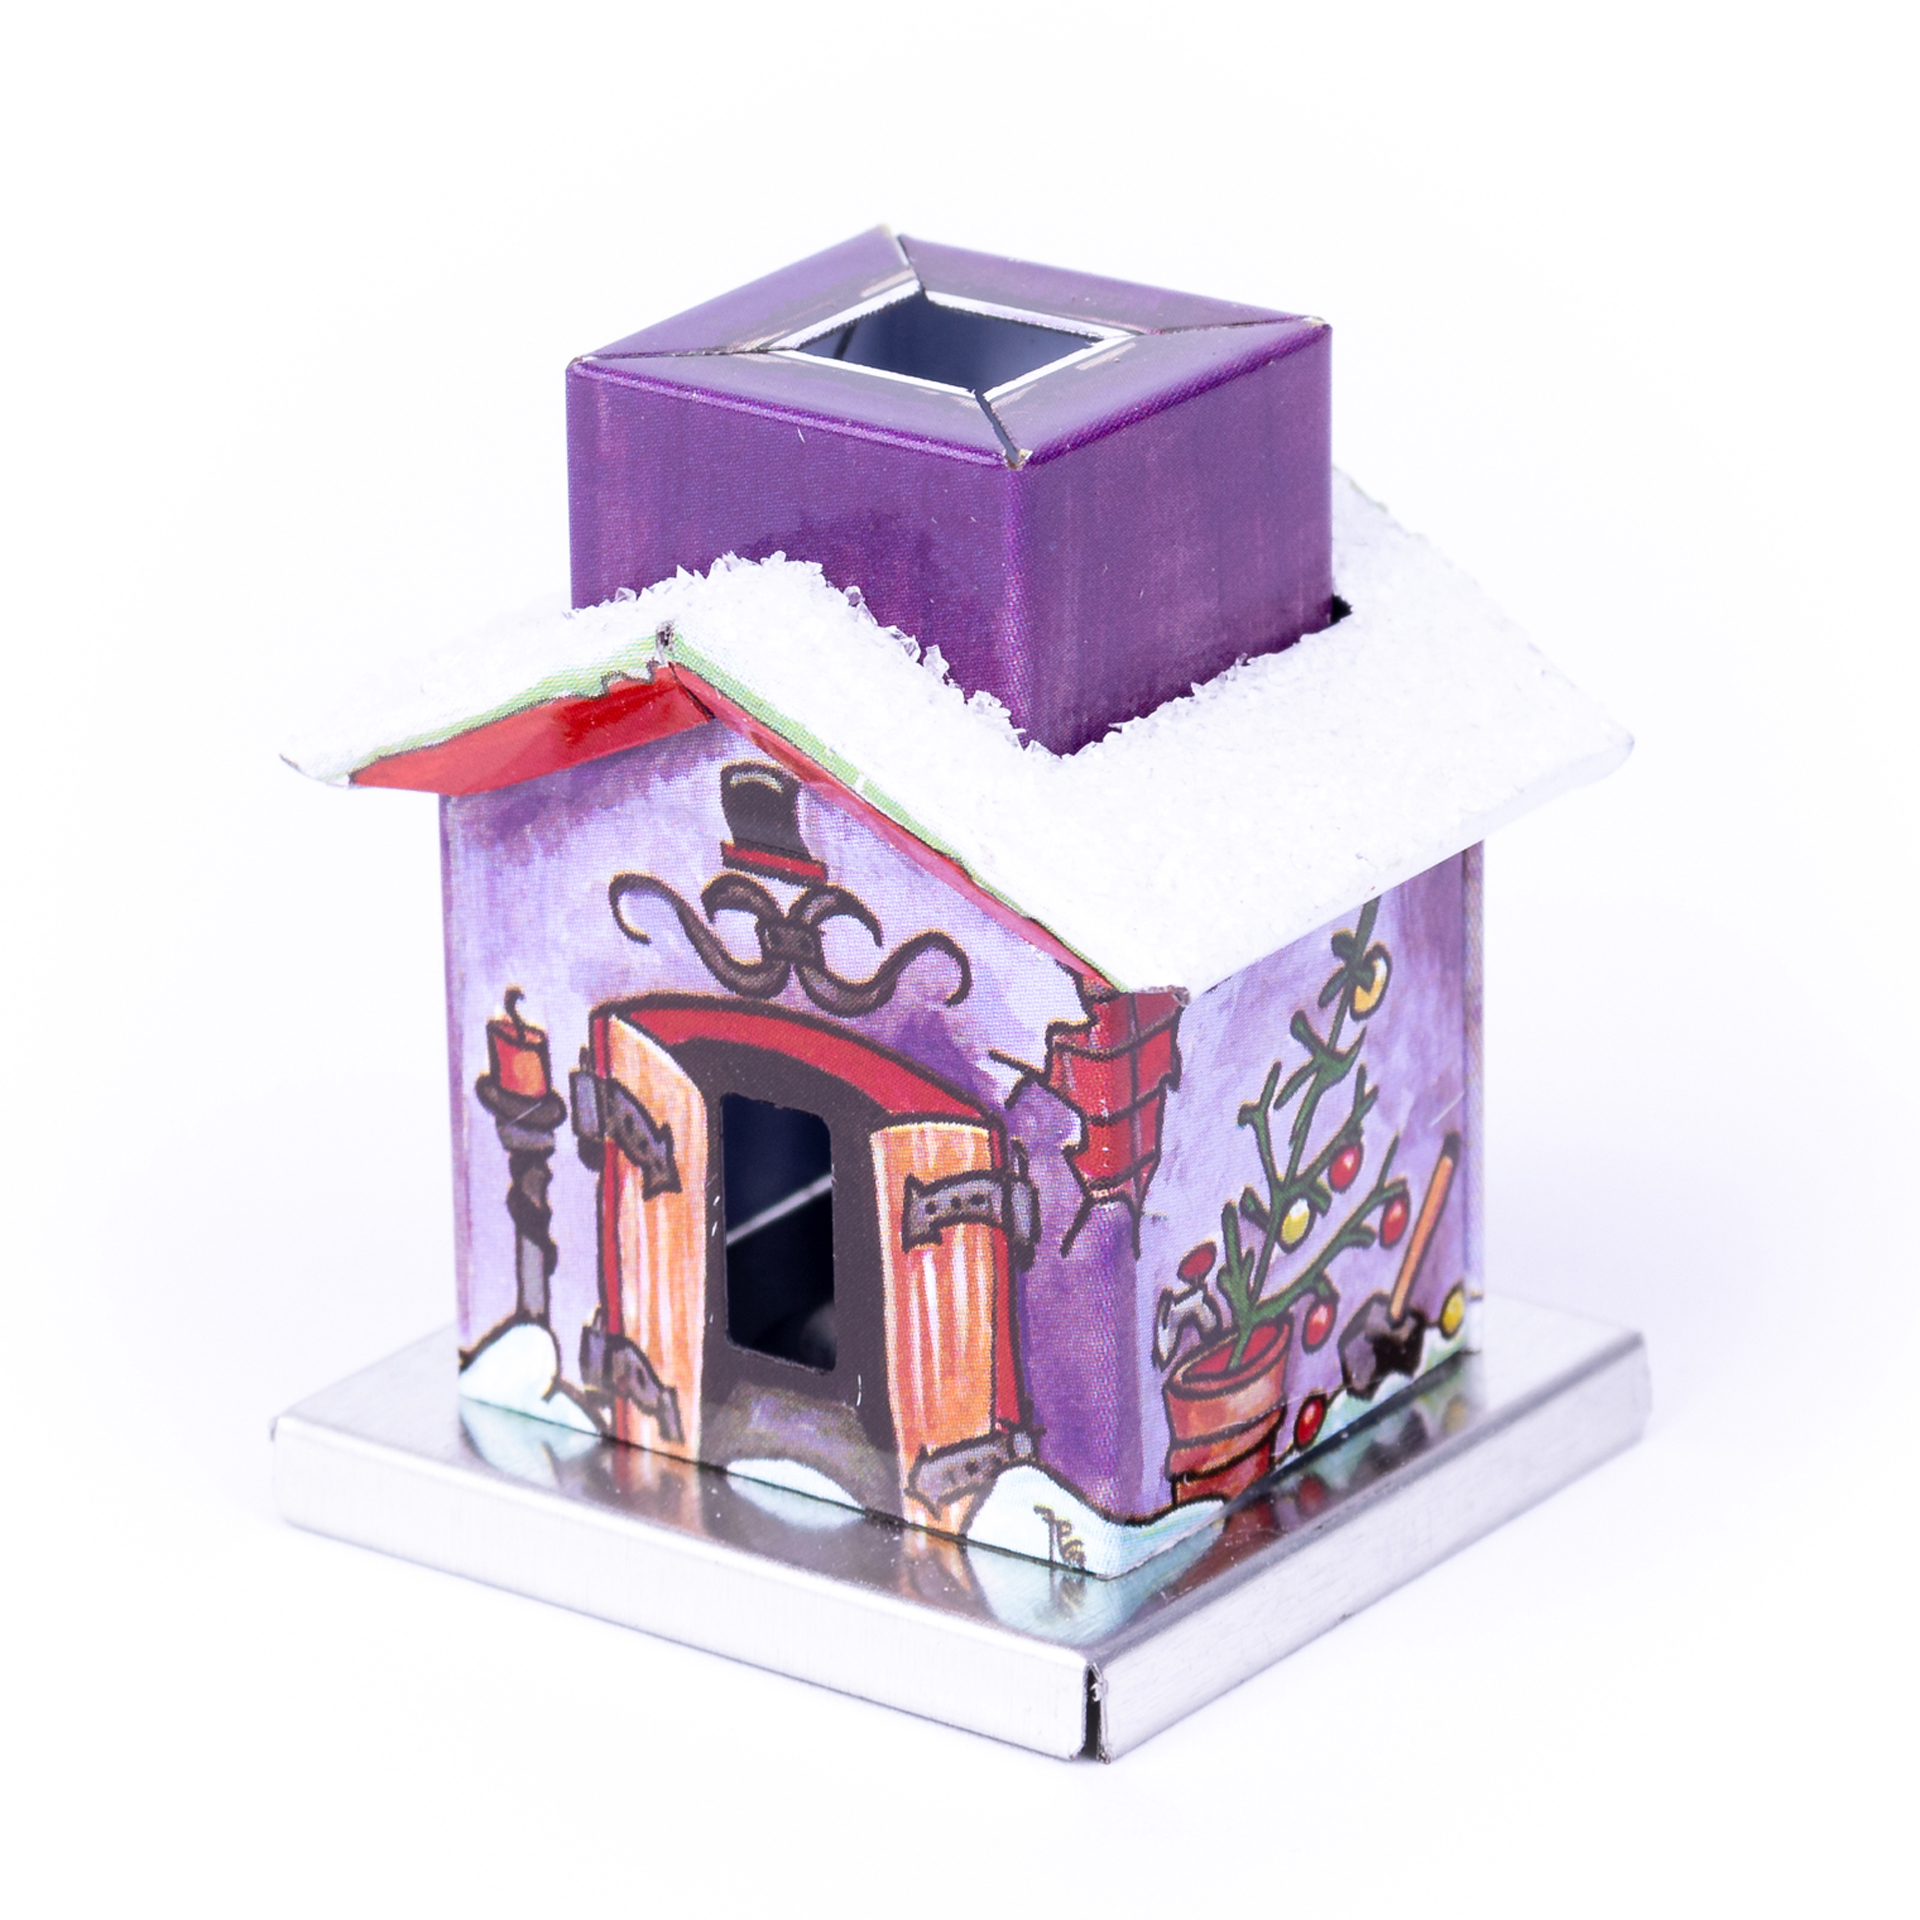 Rauchhaus Metall Mini Schmiede